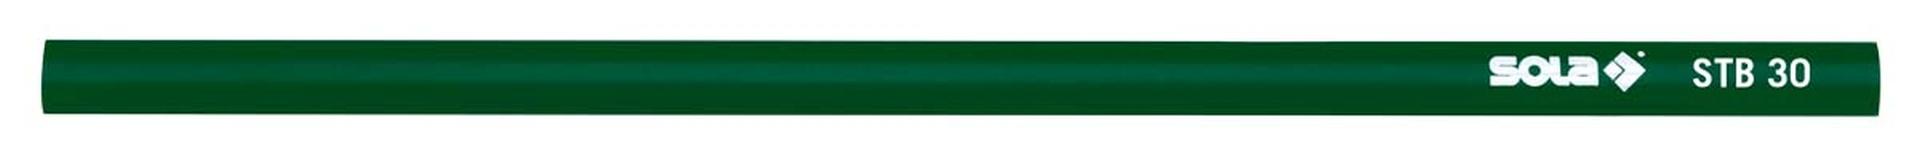 SOLA Steinhauerbleistift STB 30, Härte 10H, 300 mm